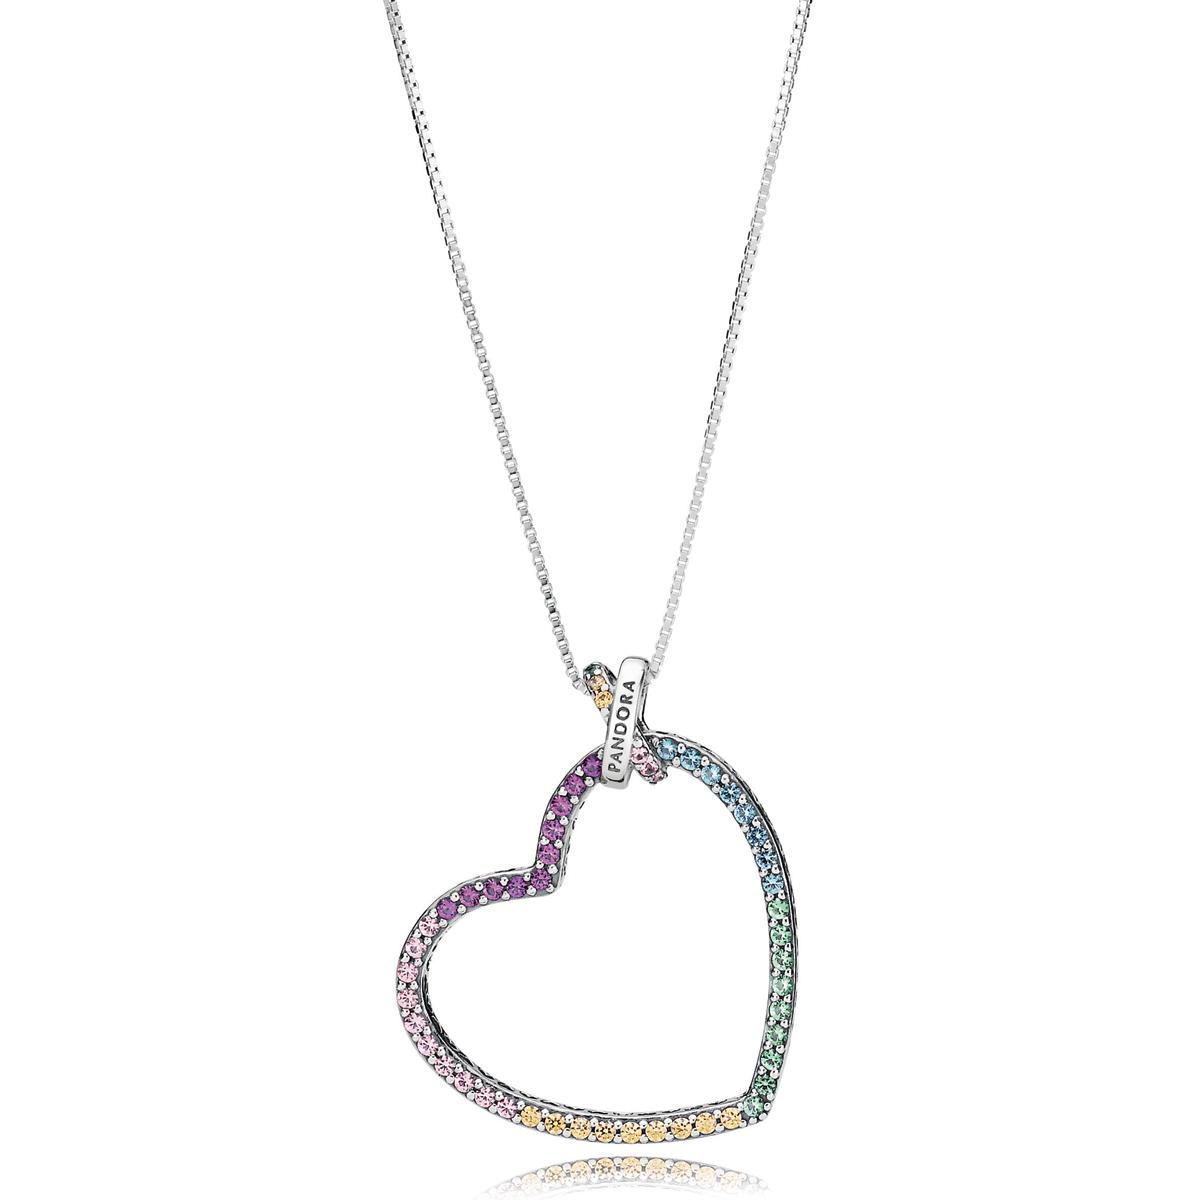 ff0d93981 ... jewelry us e52af 1f4c4 czech pandora multi colored heart necklace  pandora multi colored heart necklace eb7dc 50665 ...